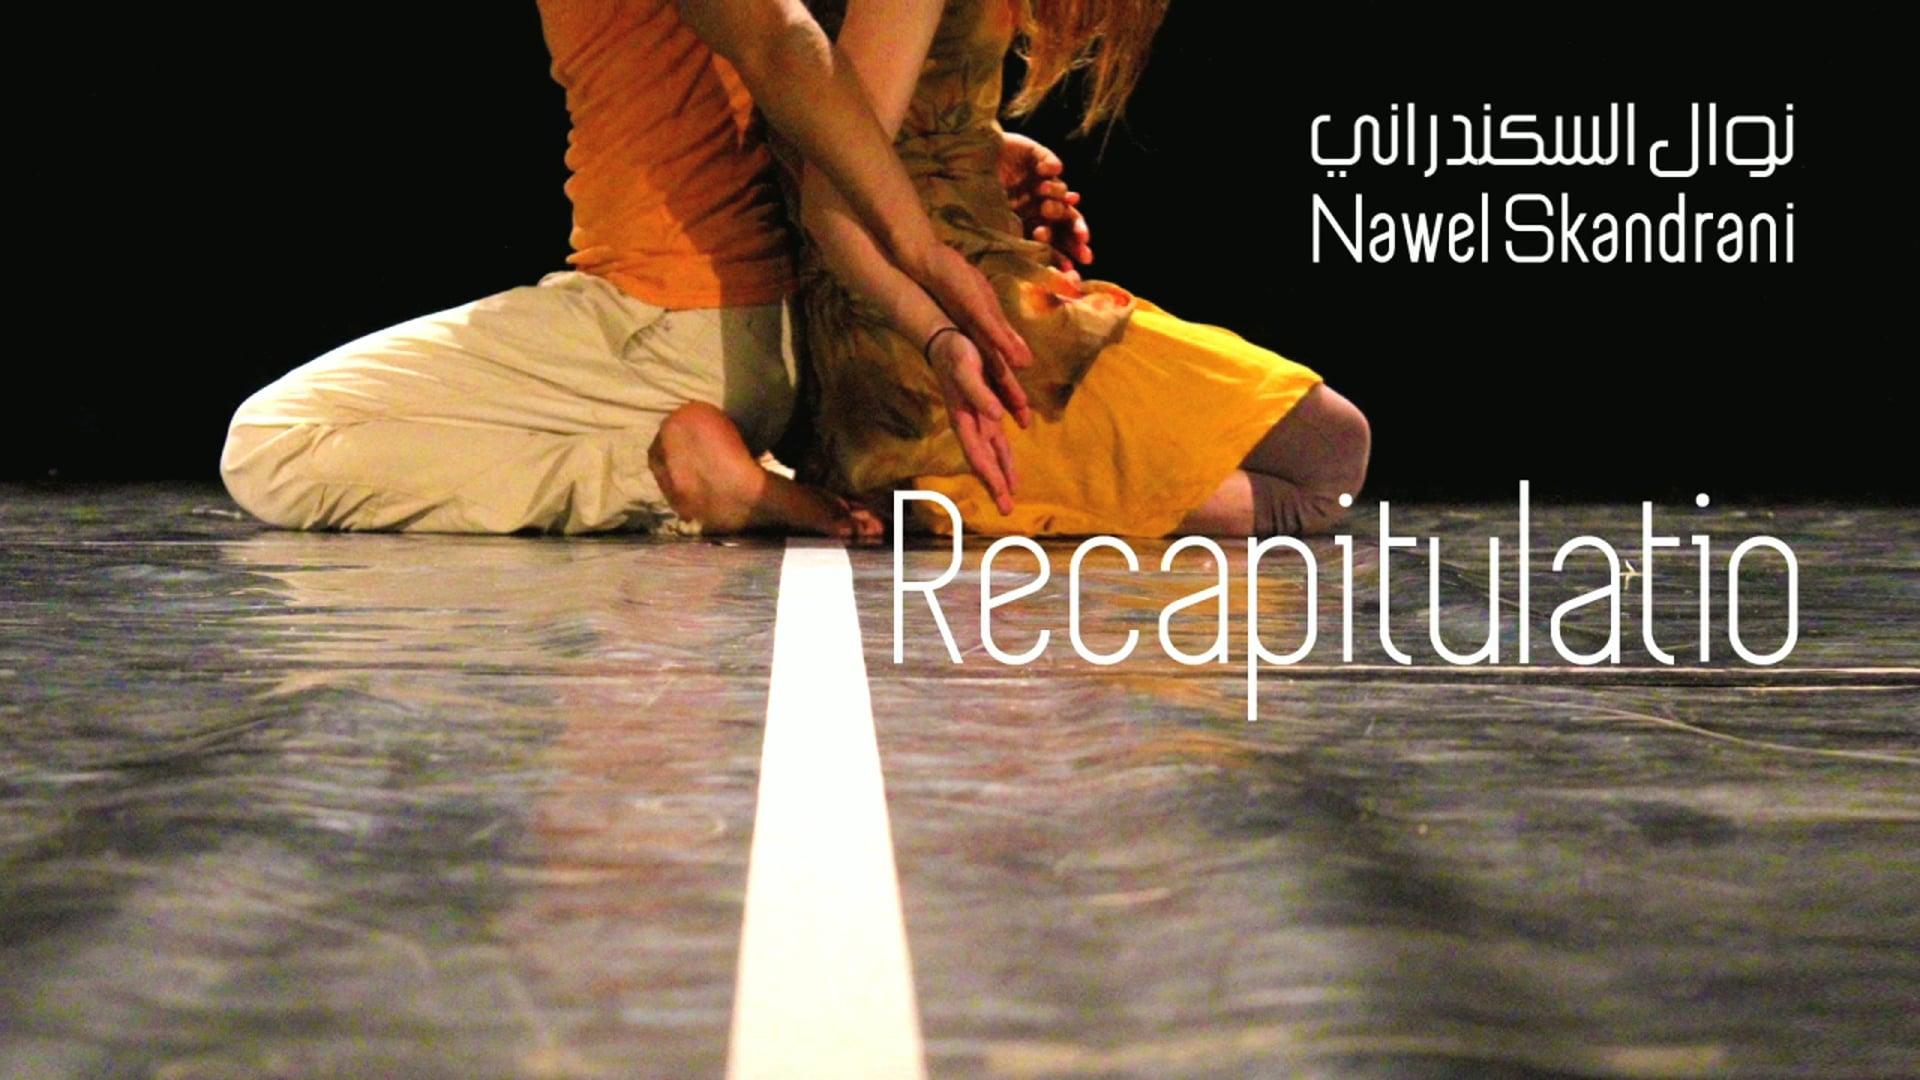 Recapitulatio - Full version